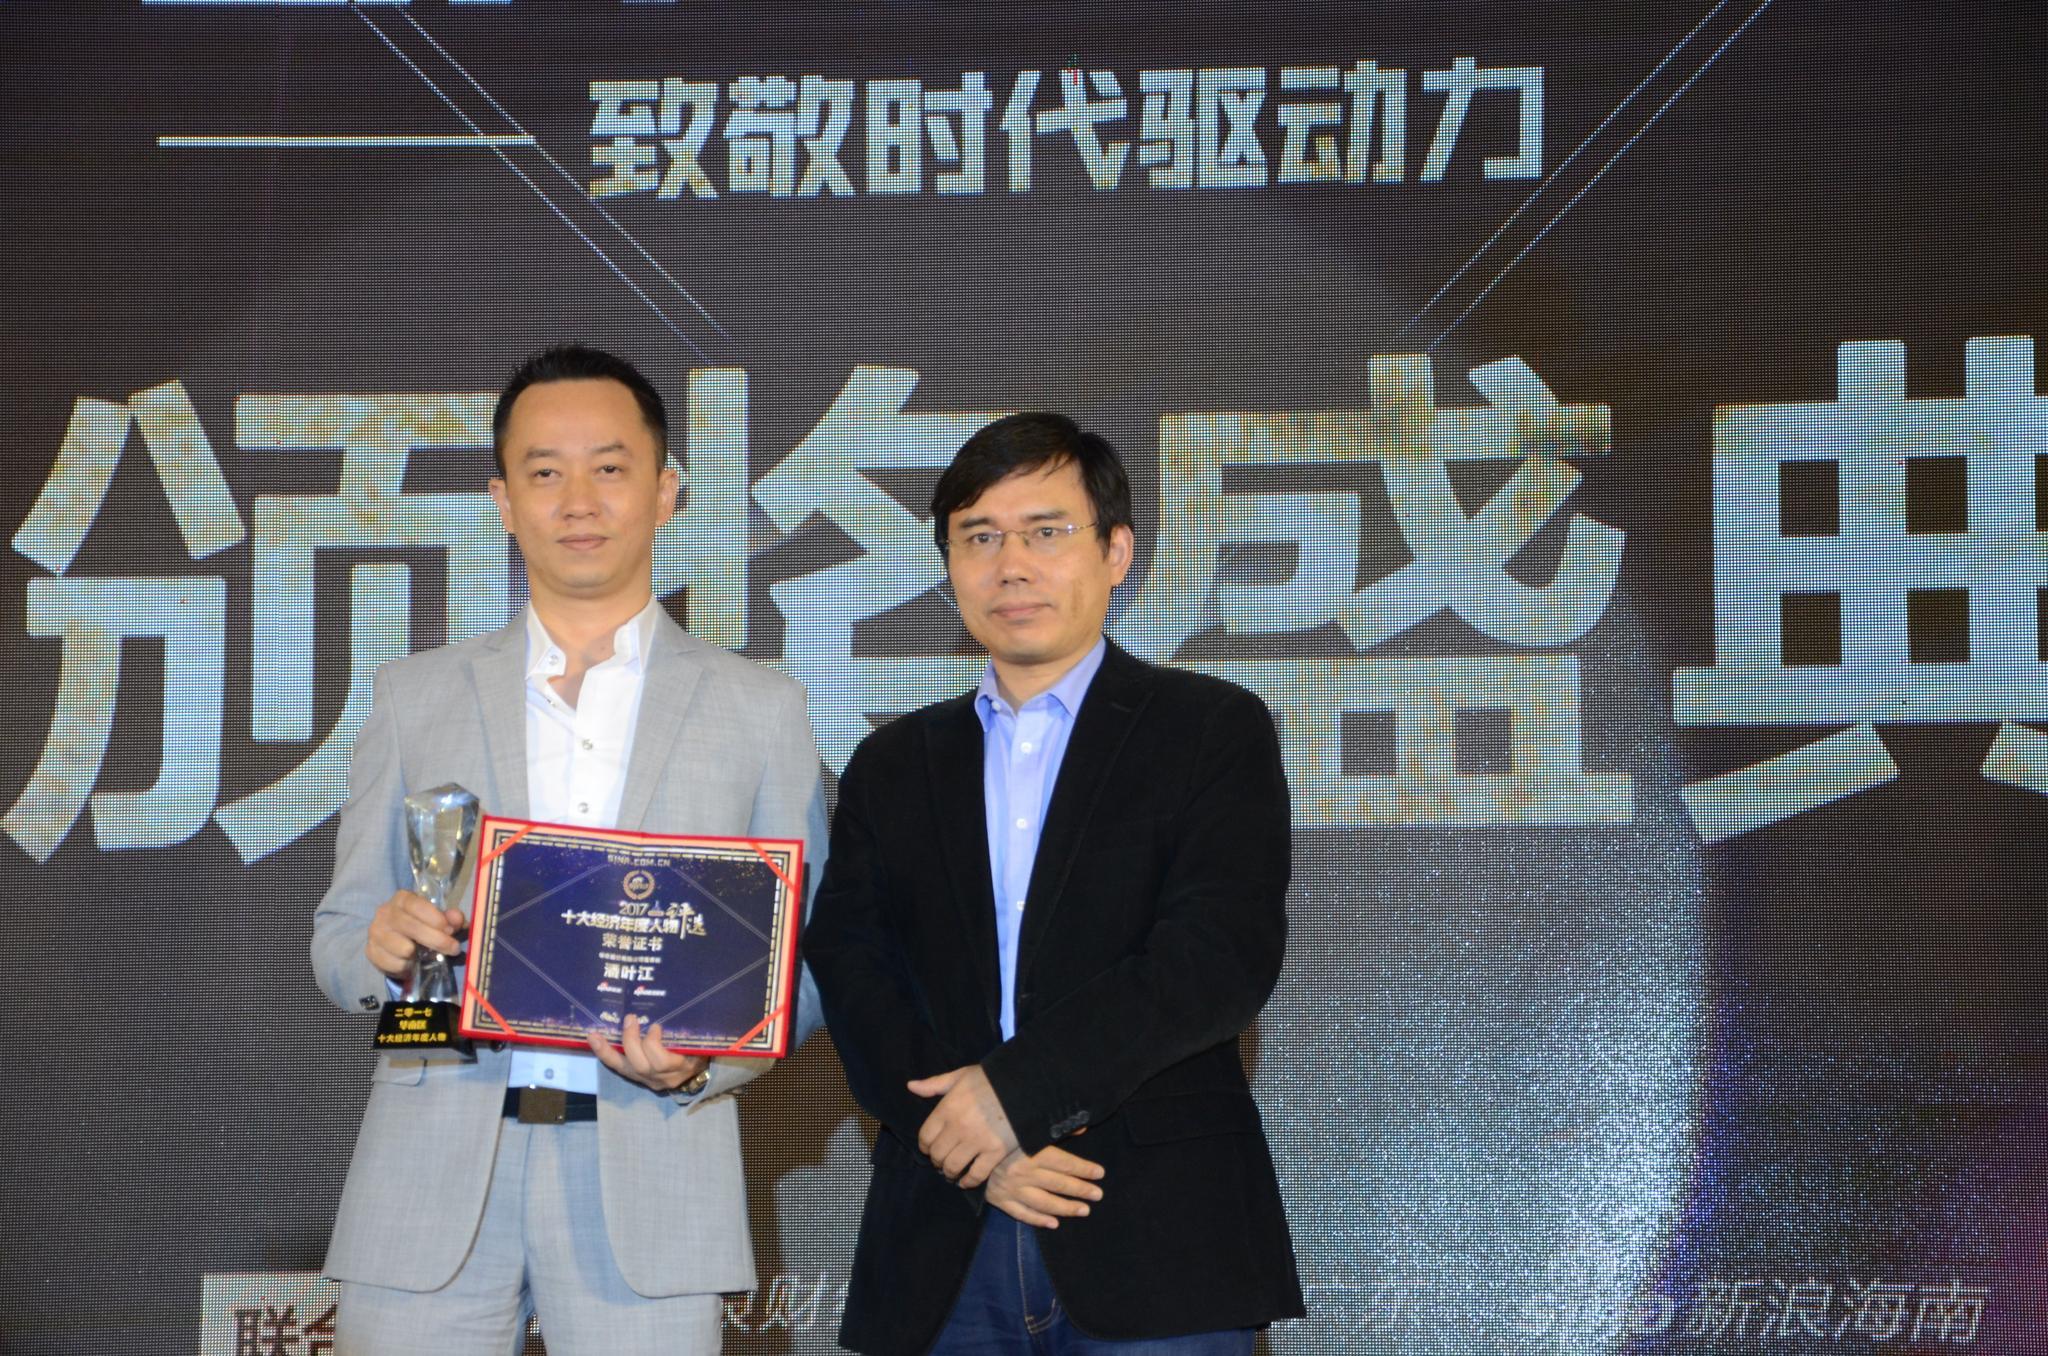 2017年华南区十大经济年度人物潘叶江获奖